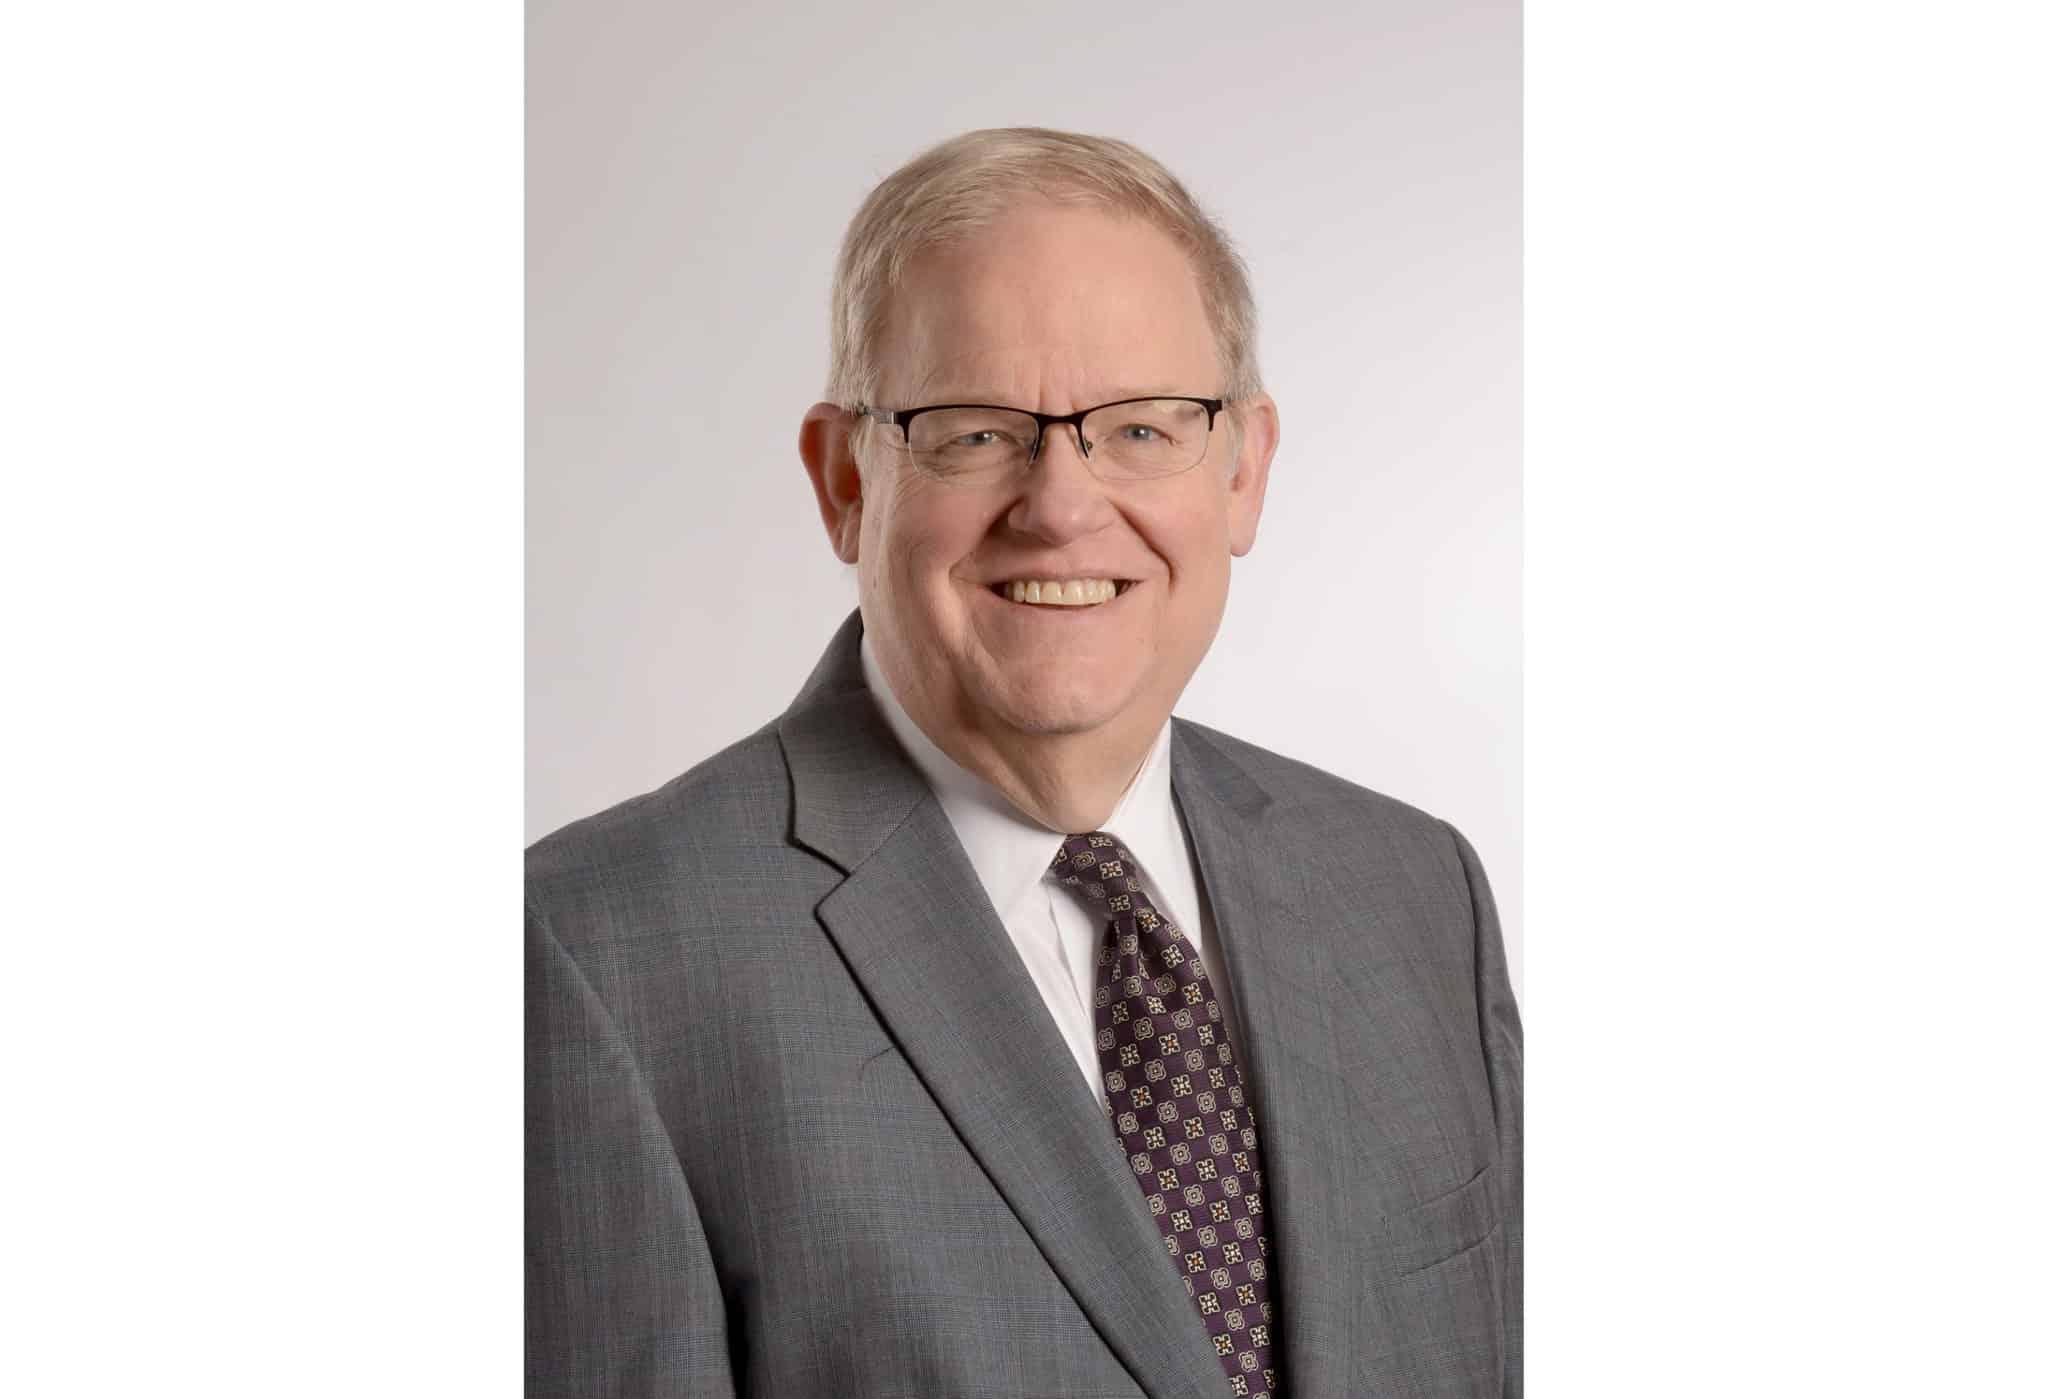 Portrait of Dr. Graham